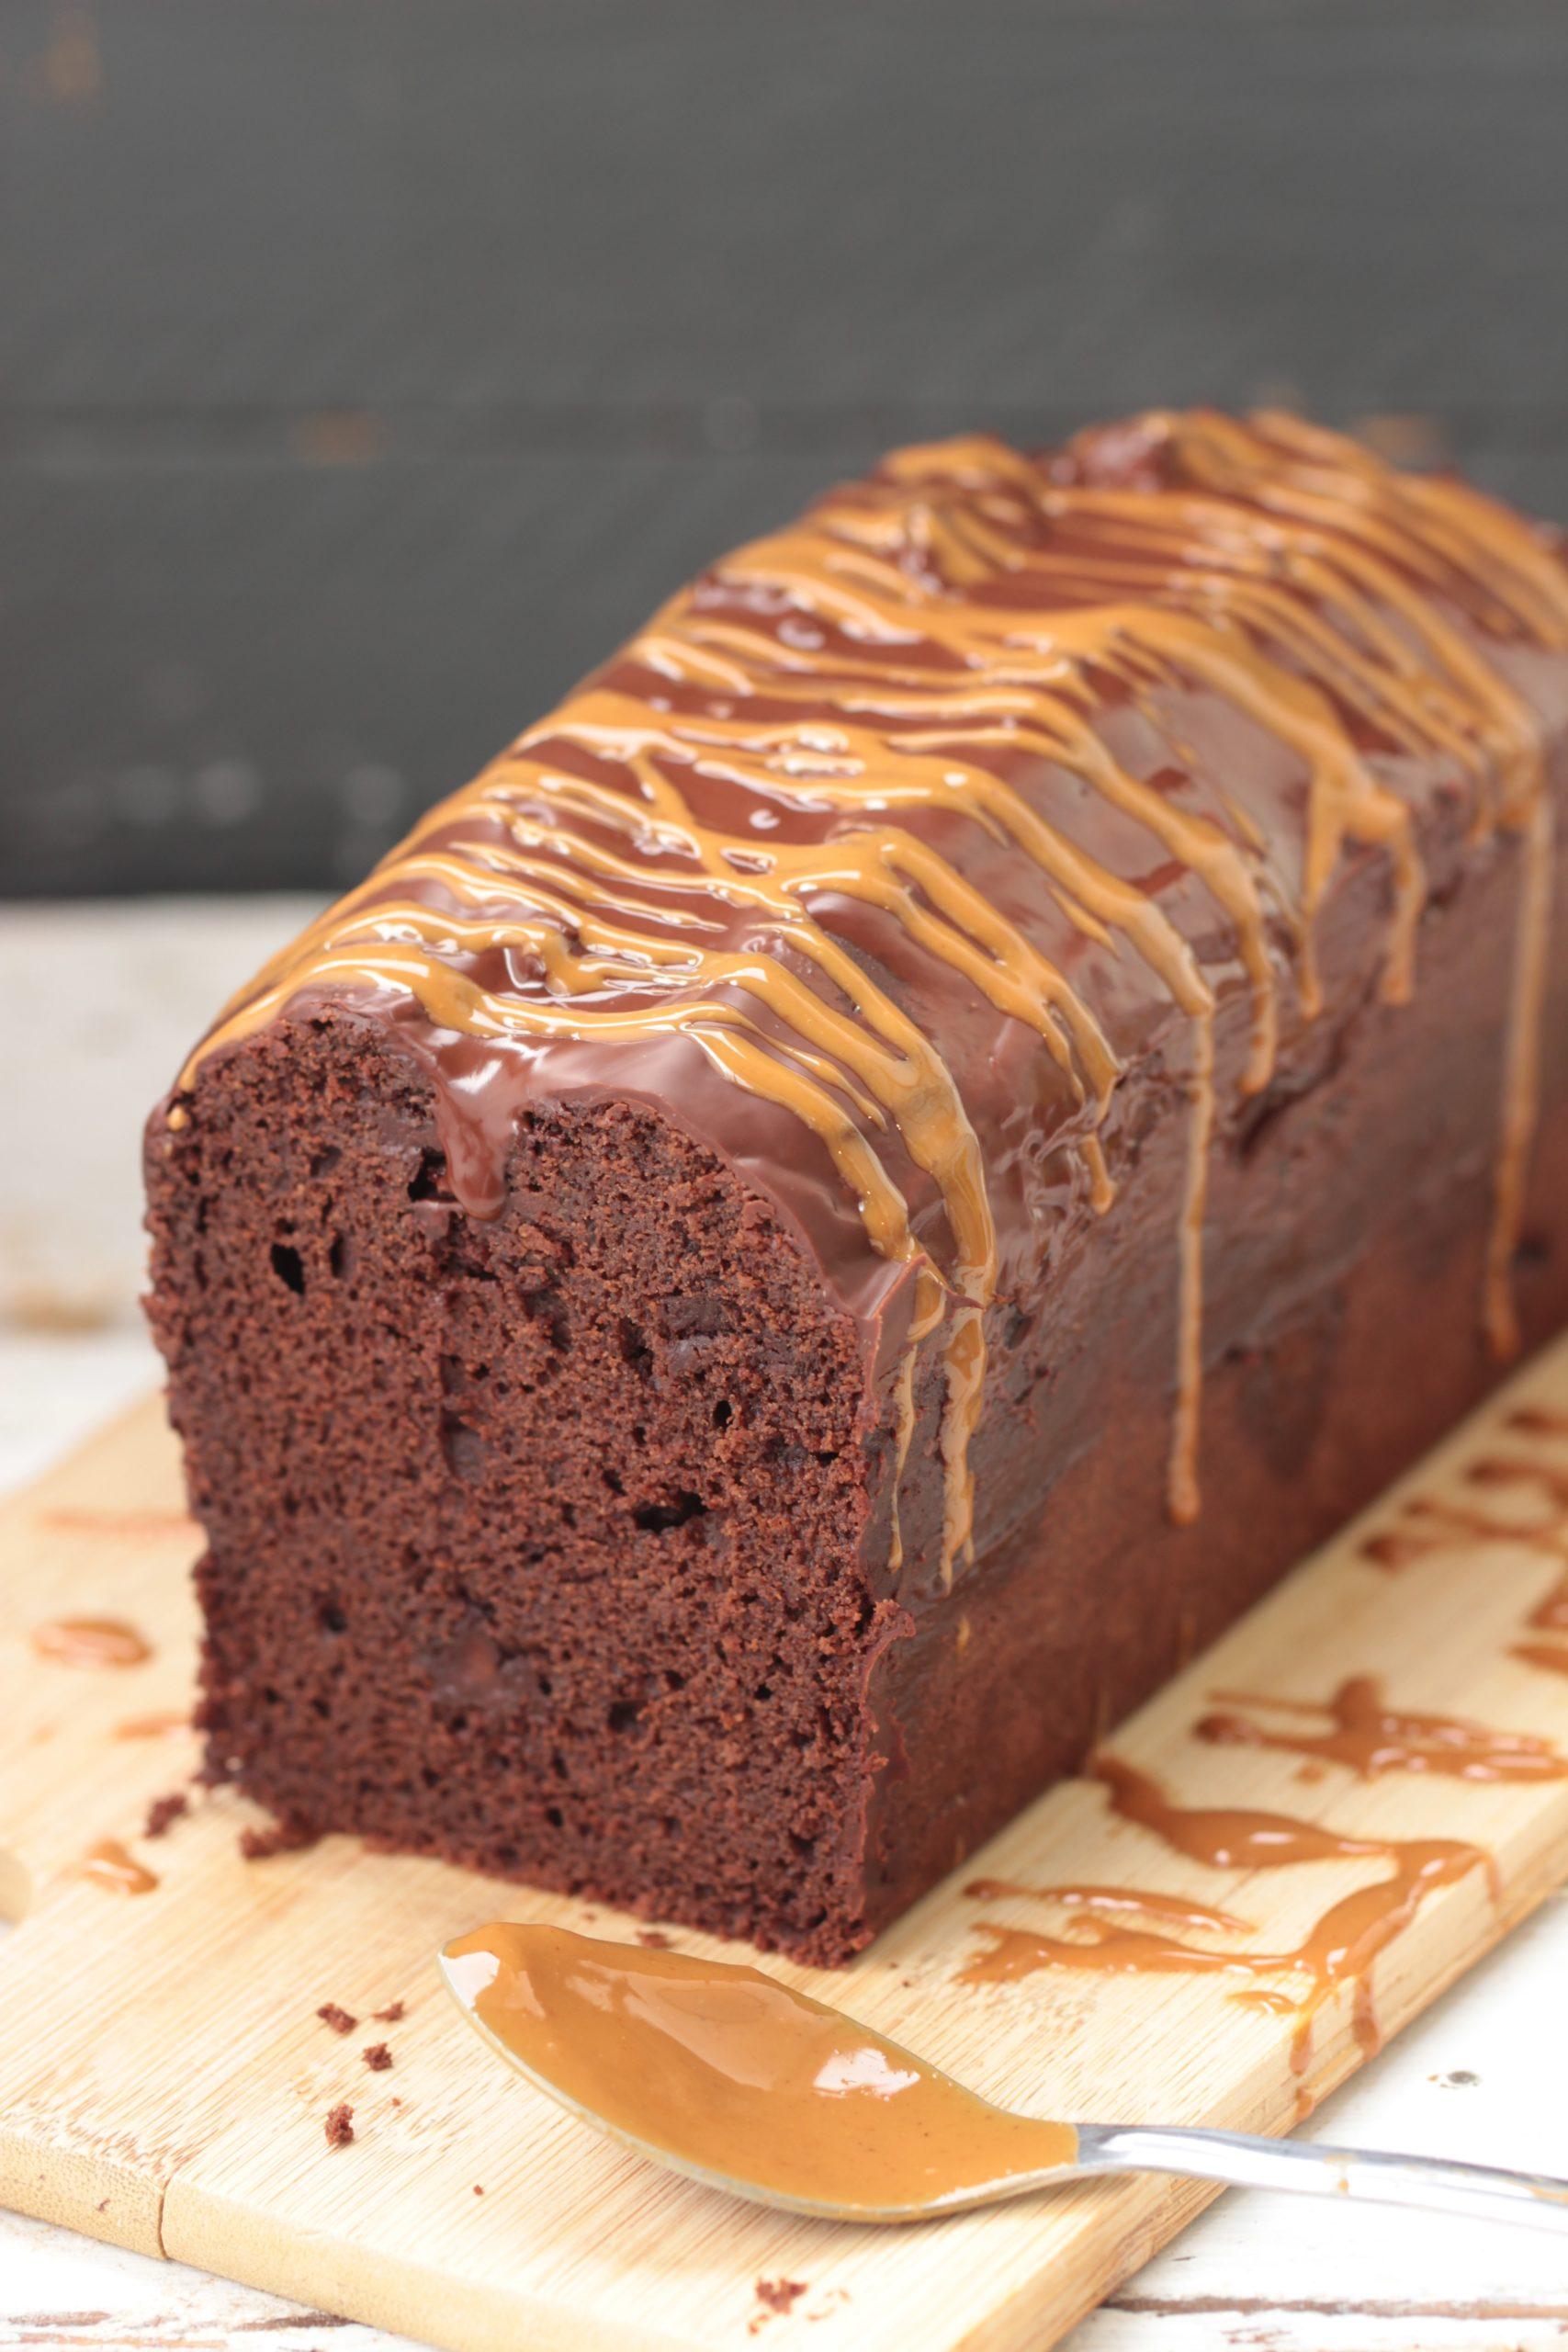 Cake chocolat & beurre de cacahuète au sarrasin